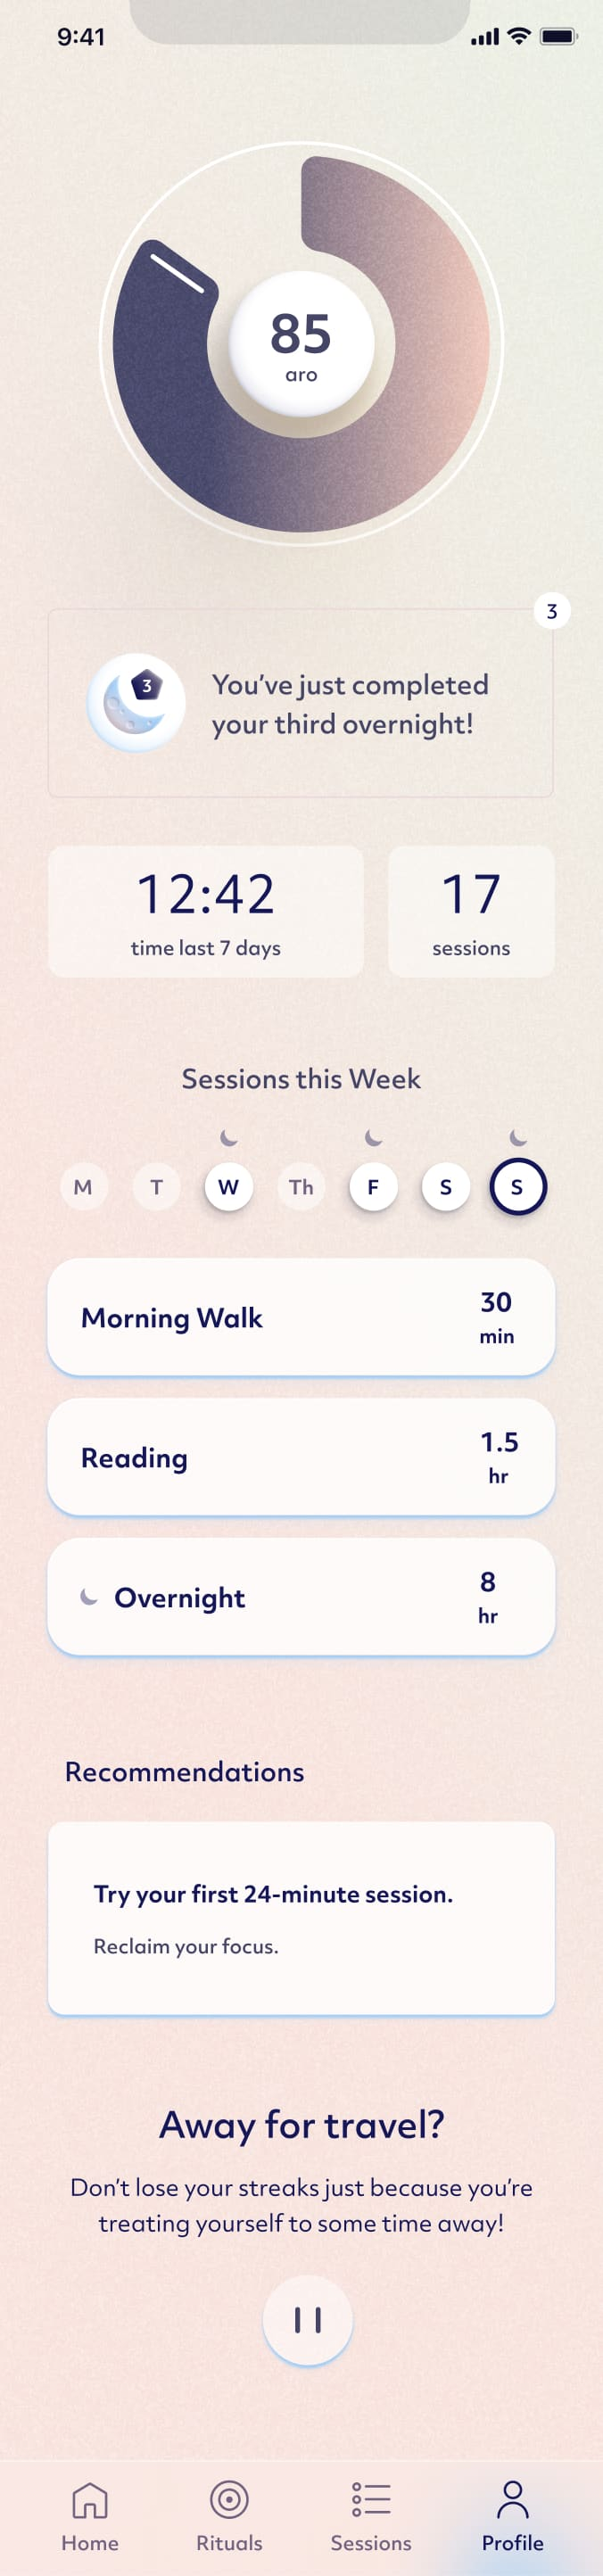 Screenshot of the Aro mobile app home screen.